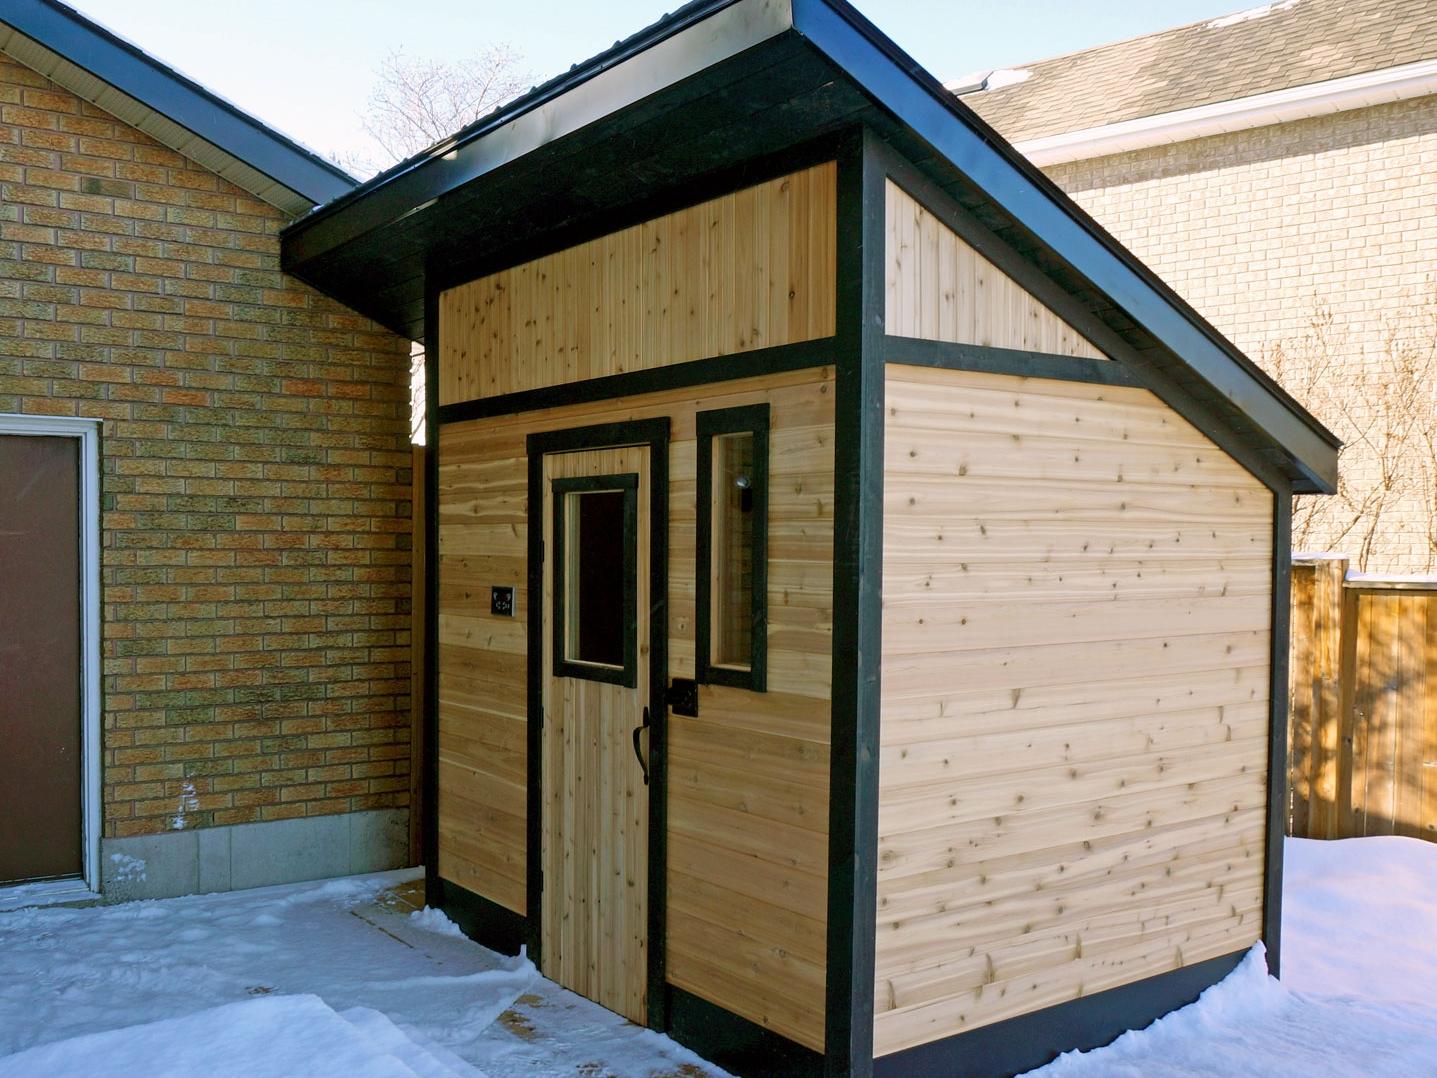 r_sauna1.jpg